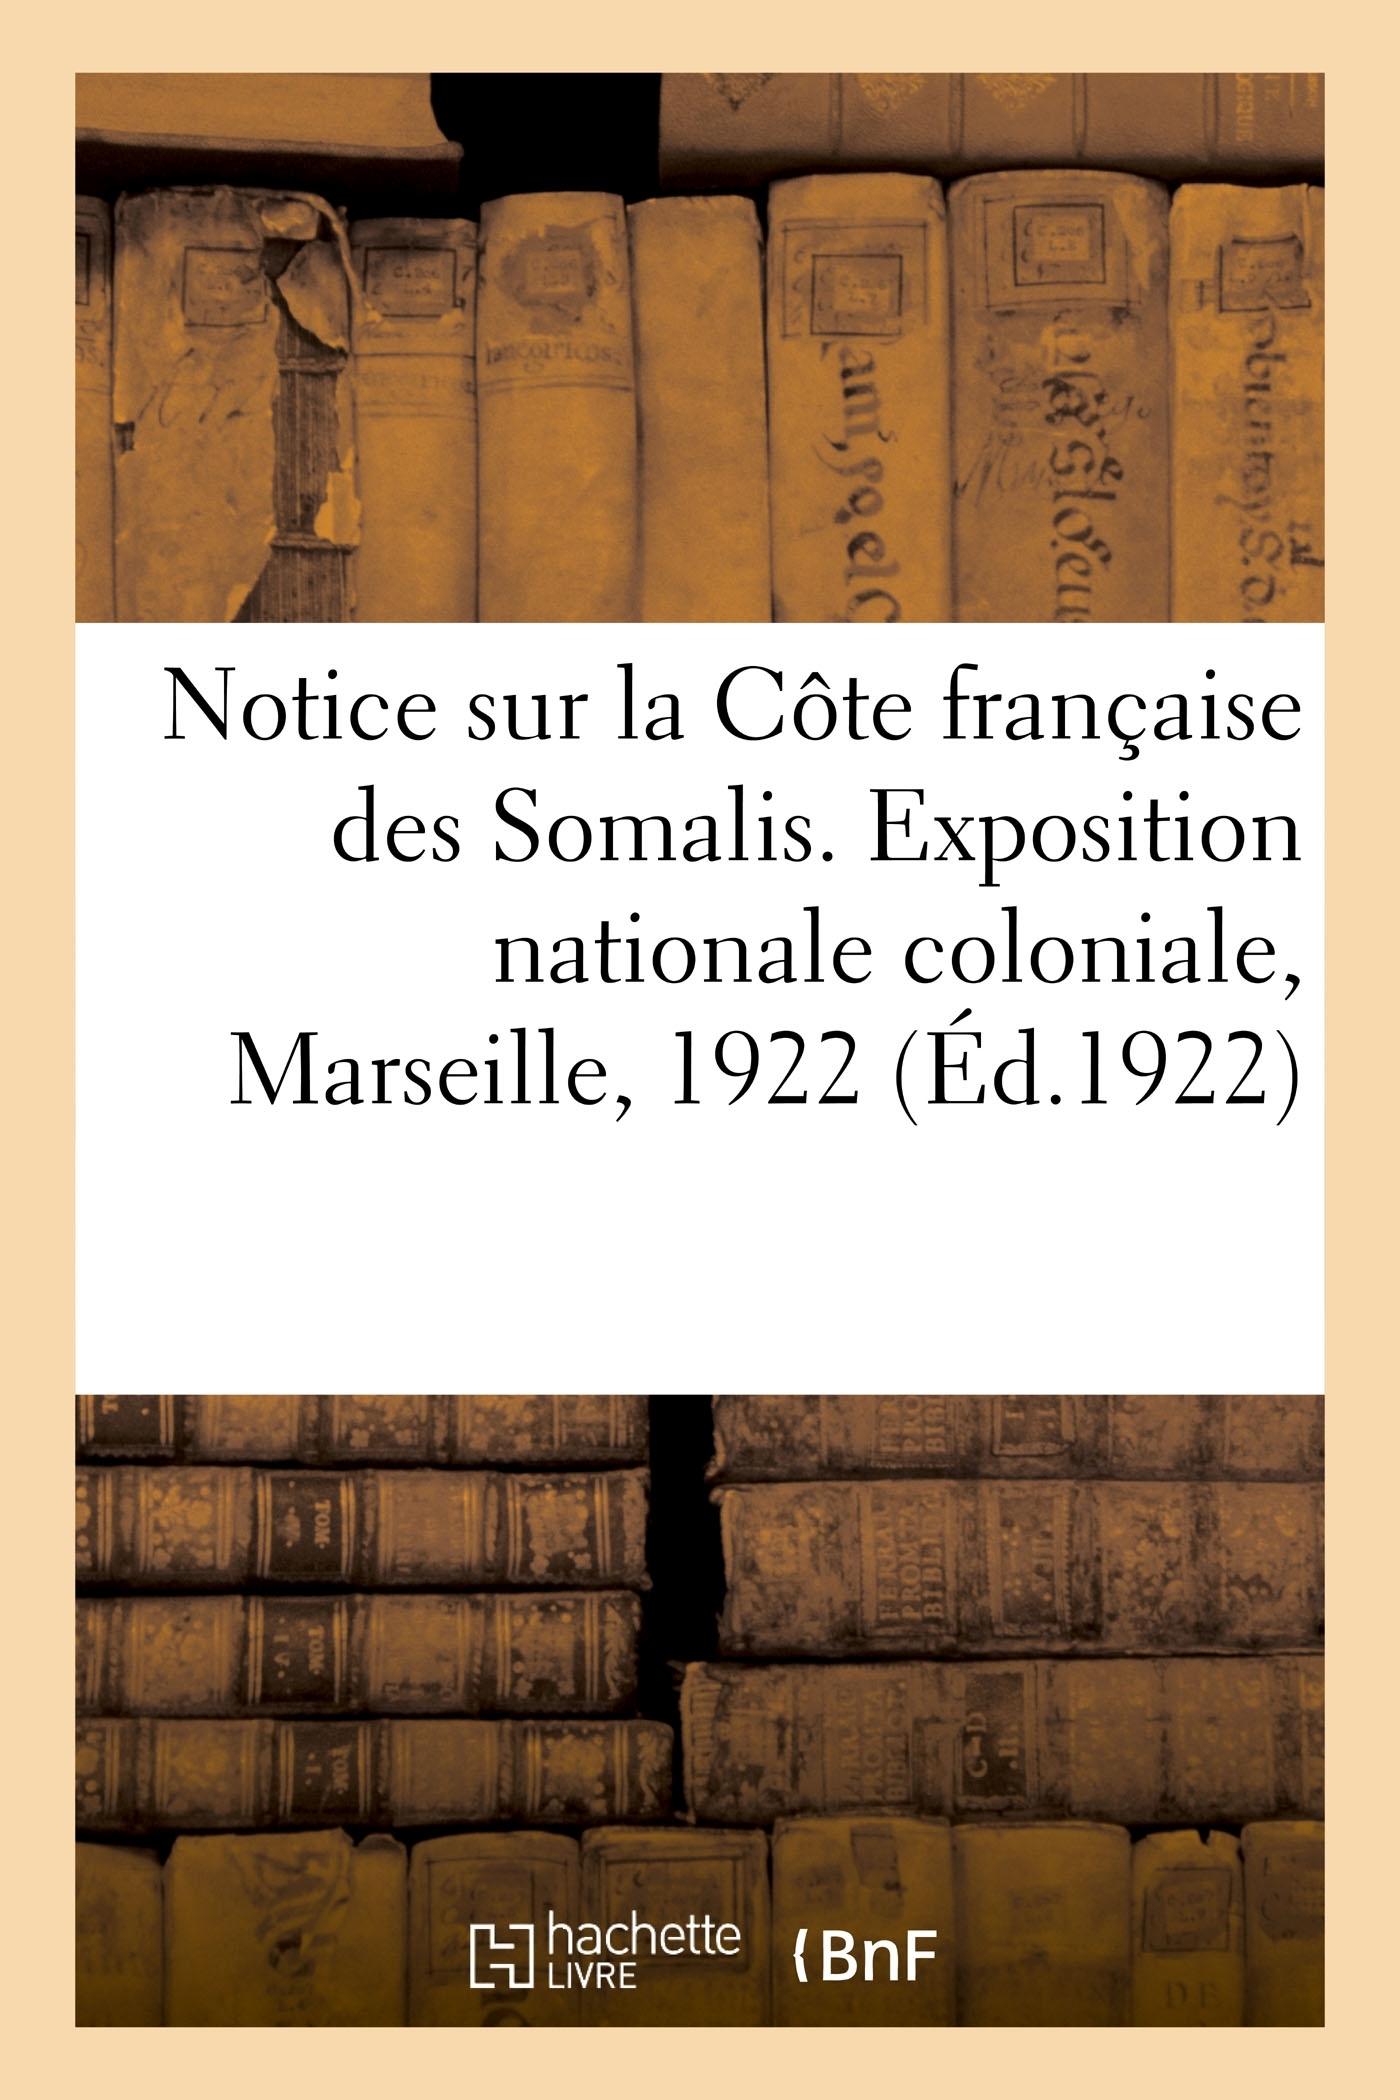 NOTICE ILLUSTREE SUR LA COTE FRANCAISE DES SOMALIS. EXPOSITION NATIONALE COLONIALE, MARSEILLE, 1922